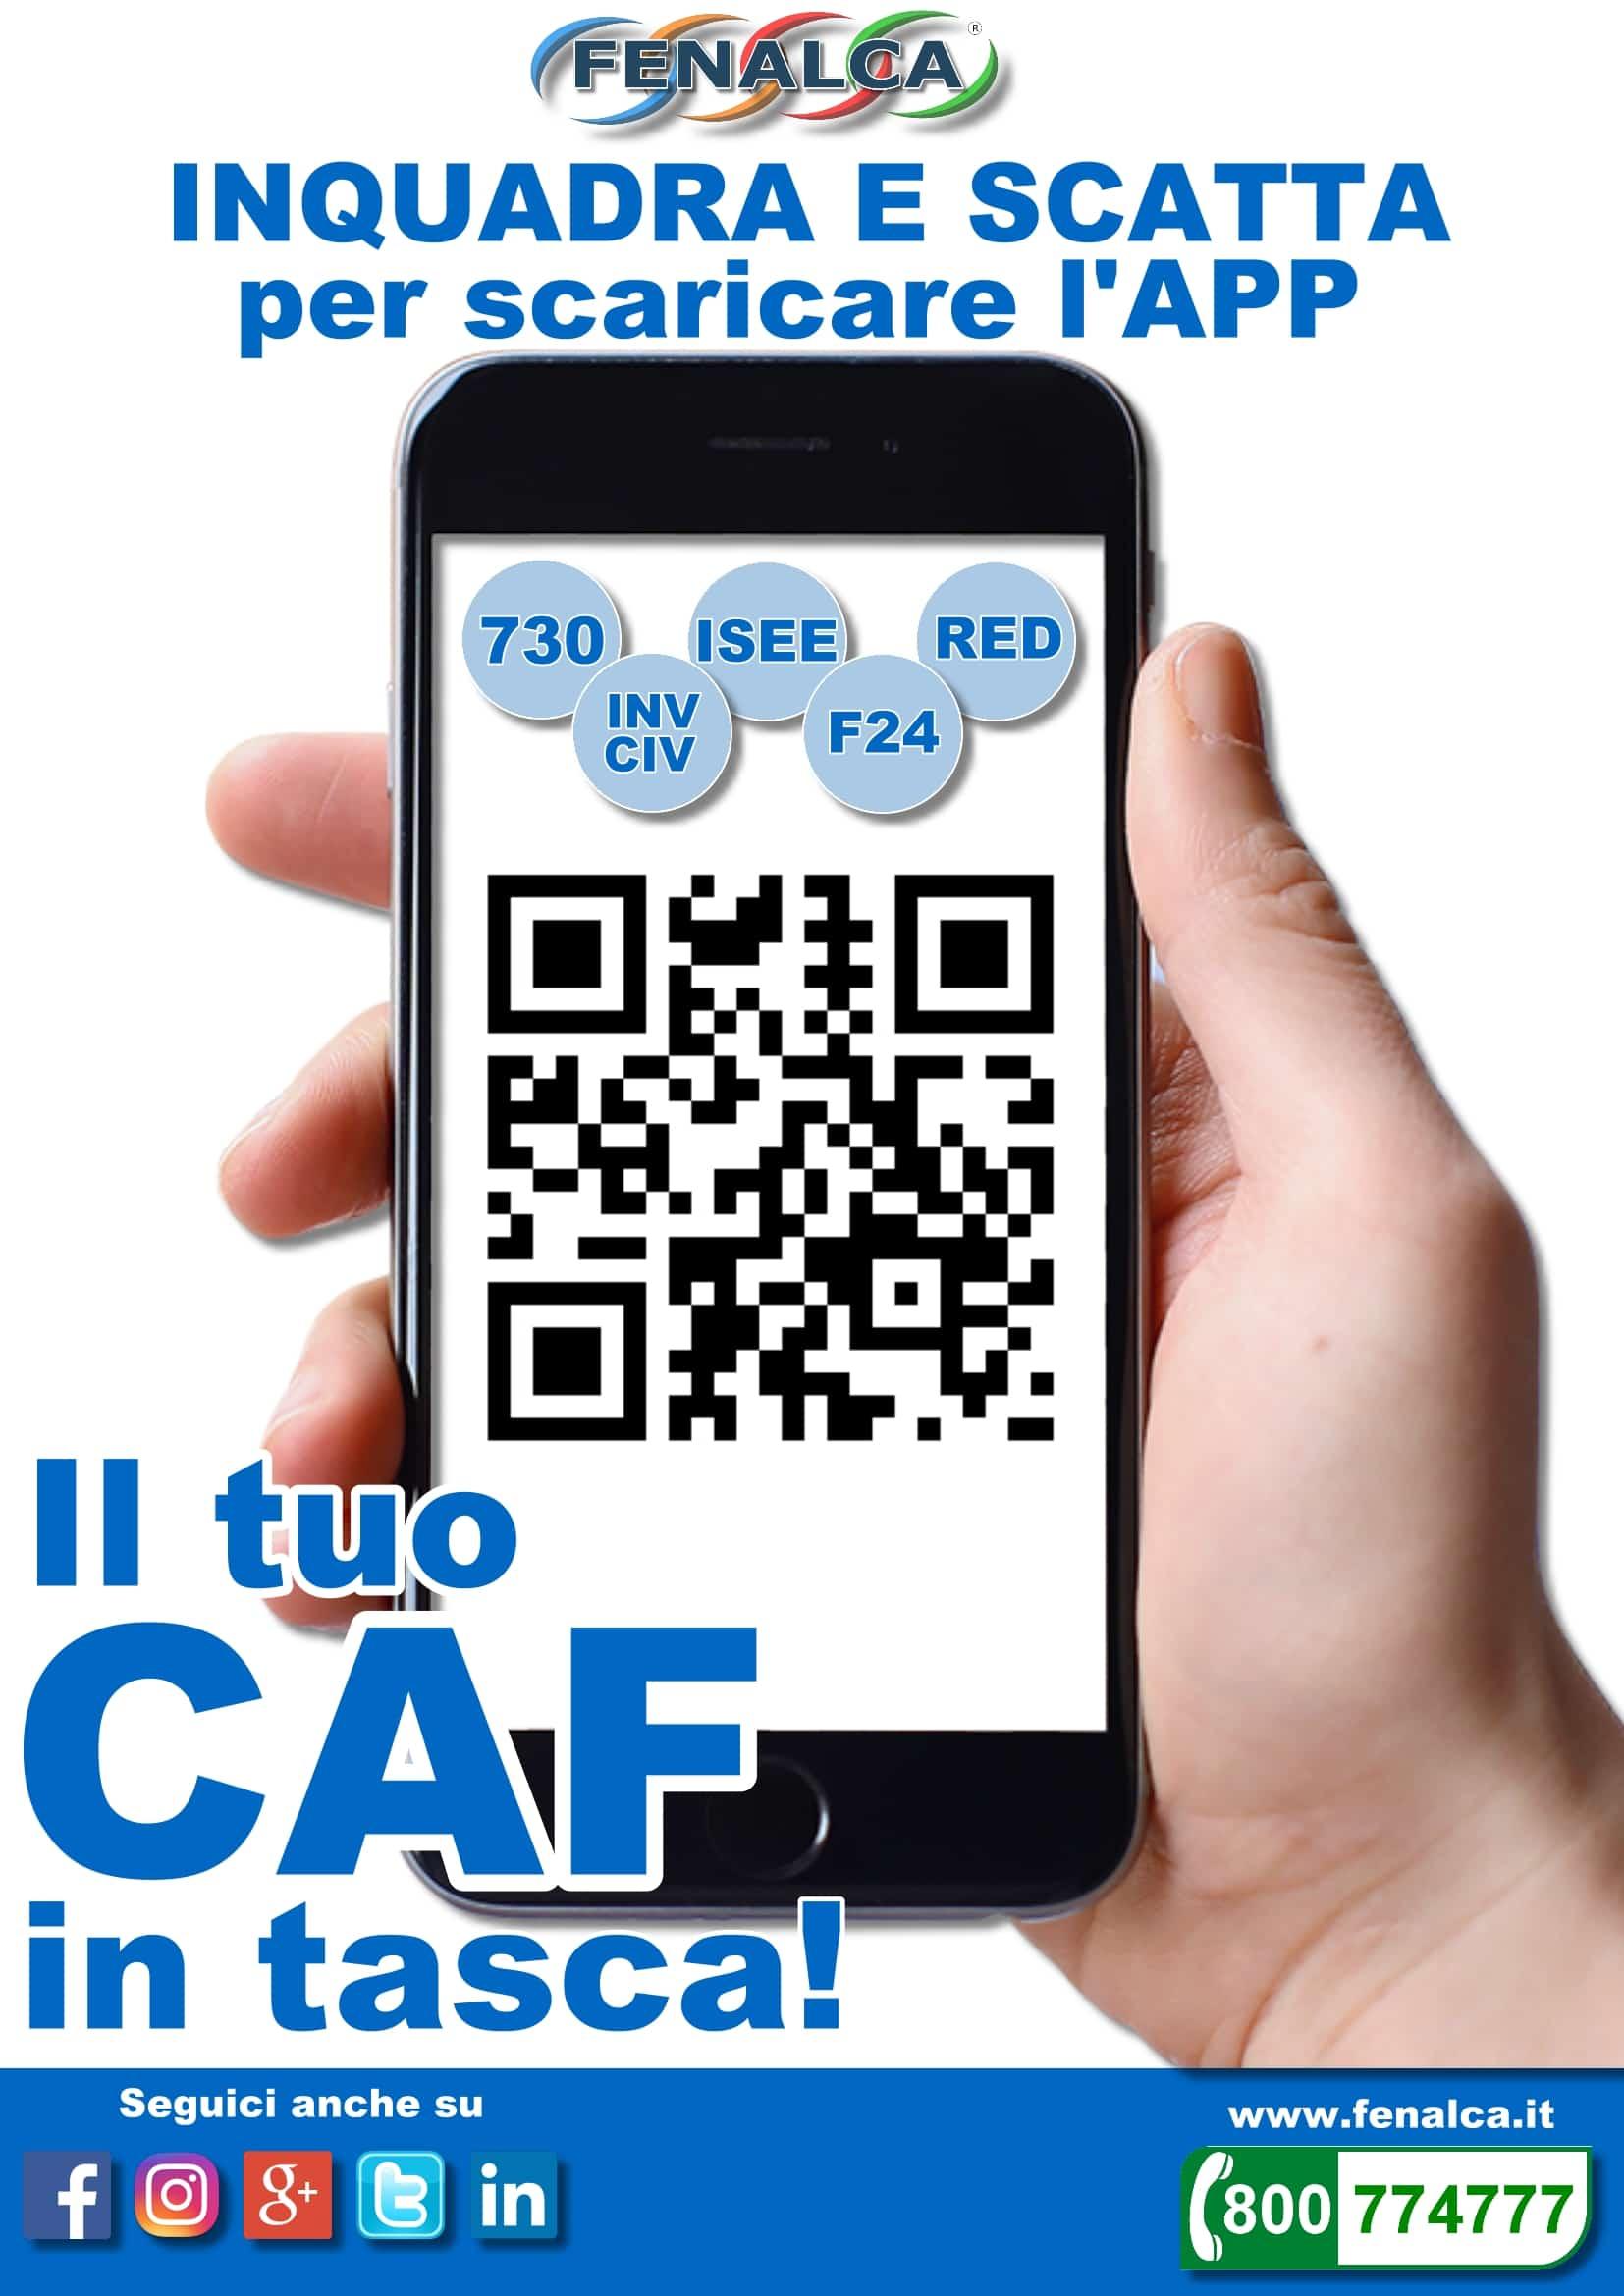 Scarica la Caf Fenalca APP: ecco il tuo CAF digitale